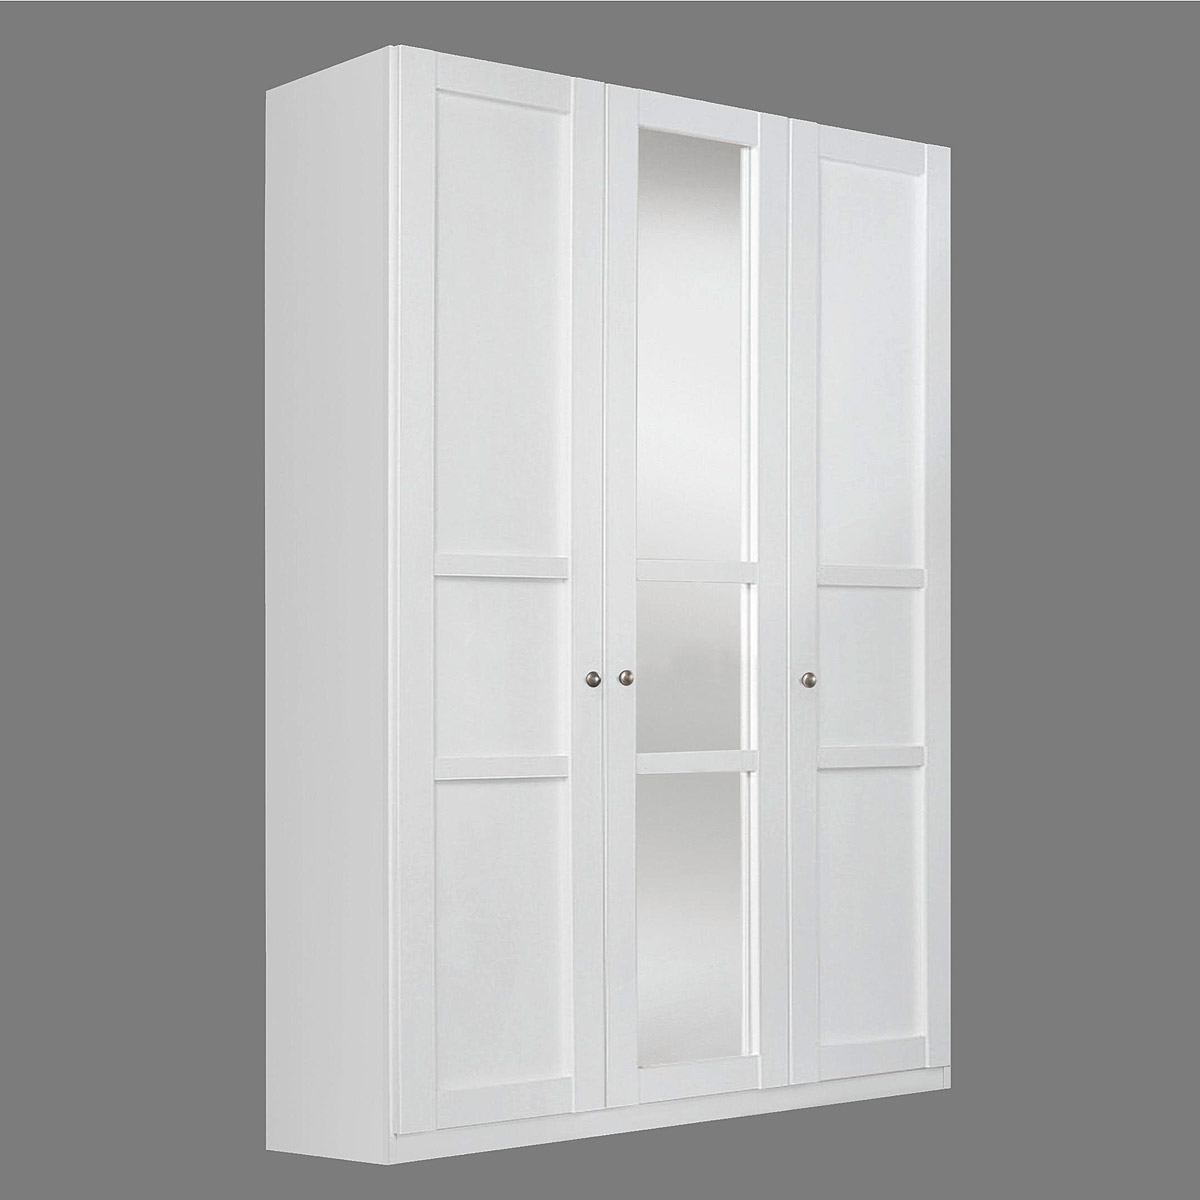 kleiderschrank marit schrank mit spiegel schlafzimmer wei breite 136 cm ebay. Black Bedroom Furniture Sets. Home Design Ideas